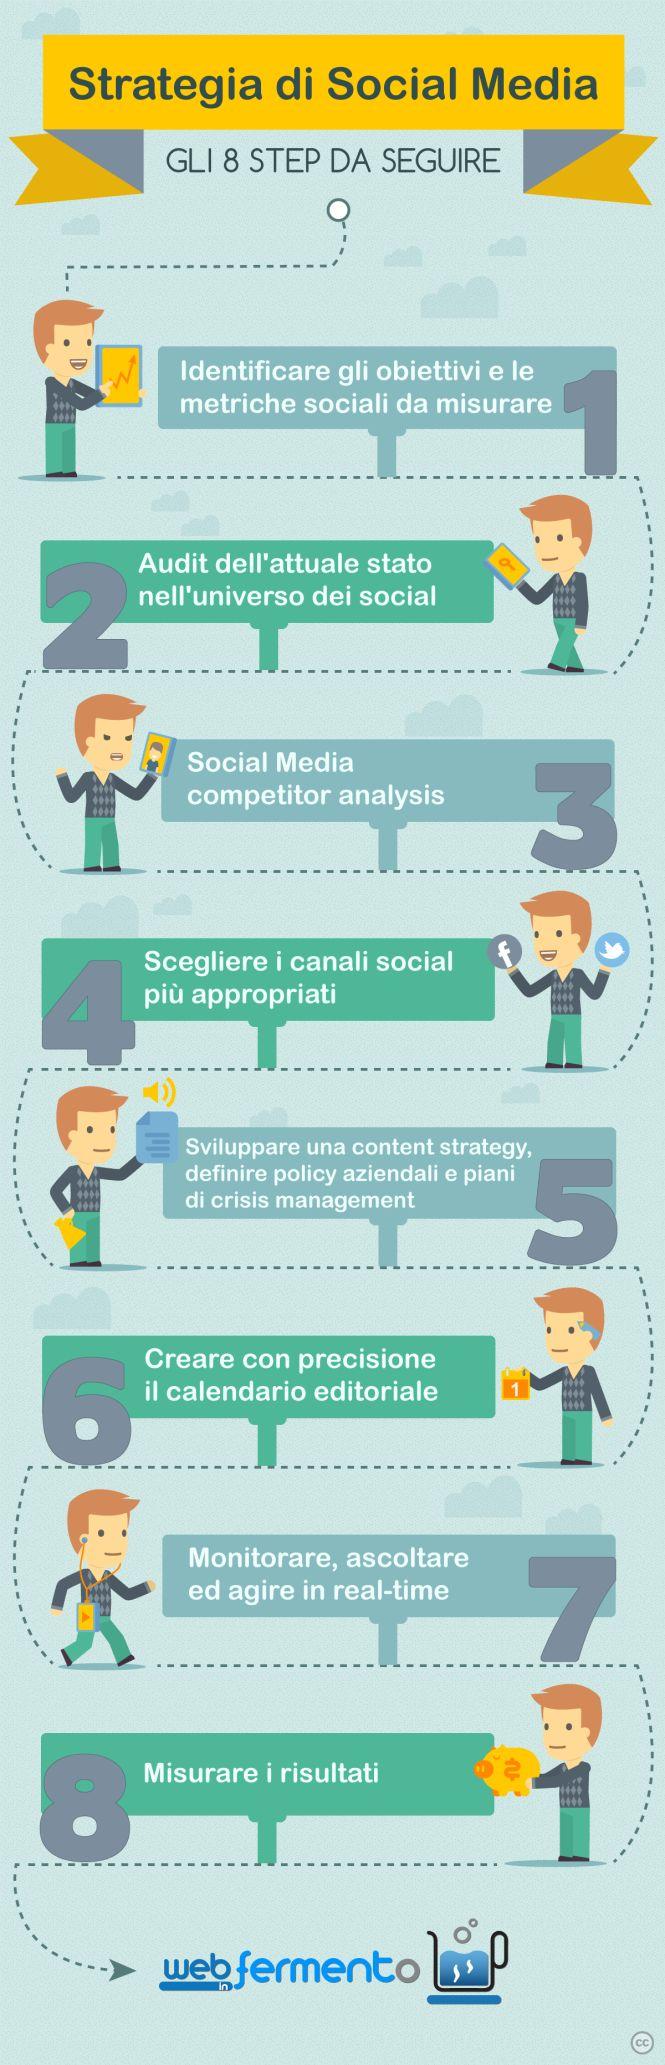 Gli 8 step da seguire per una strategia di Social Media vincente